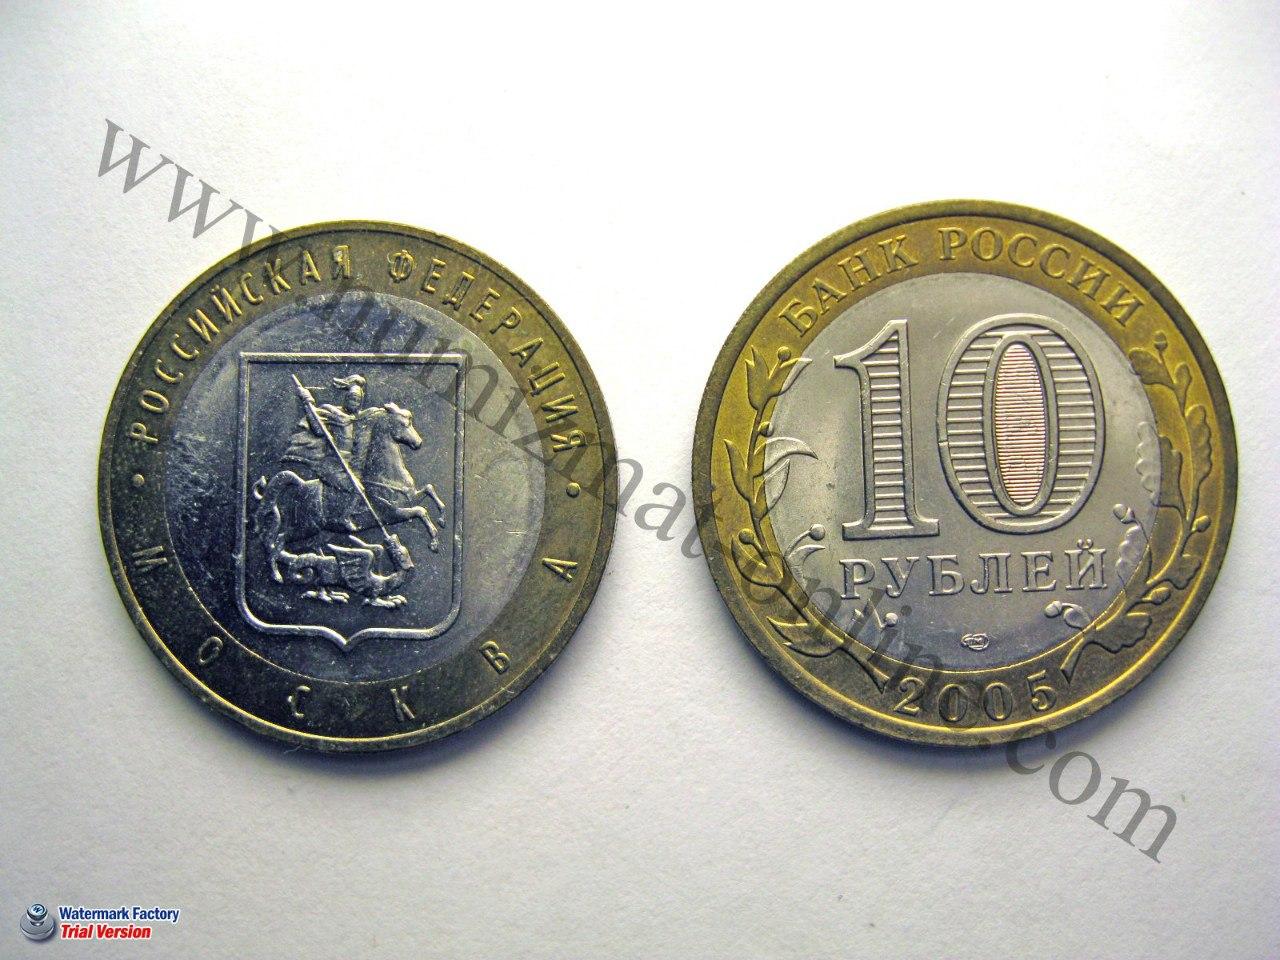 Москва. 10 рублей. Российская Федерация